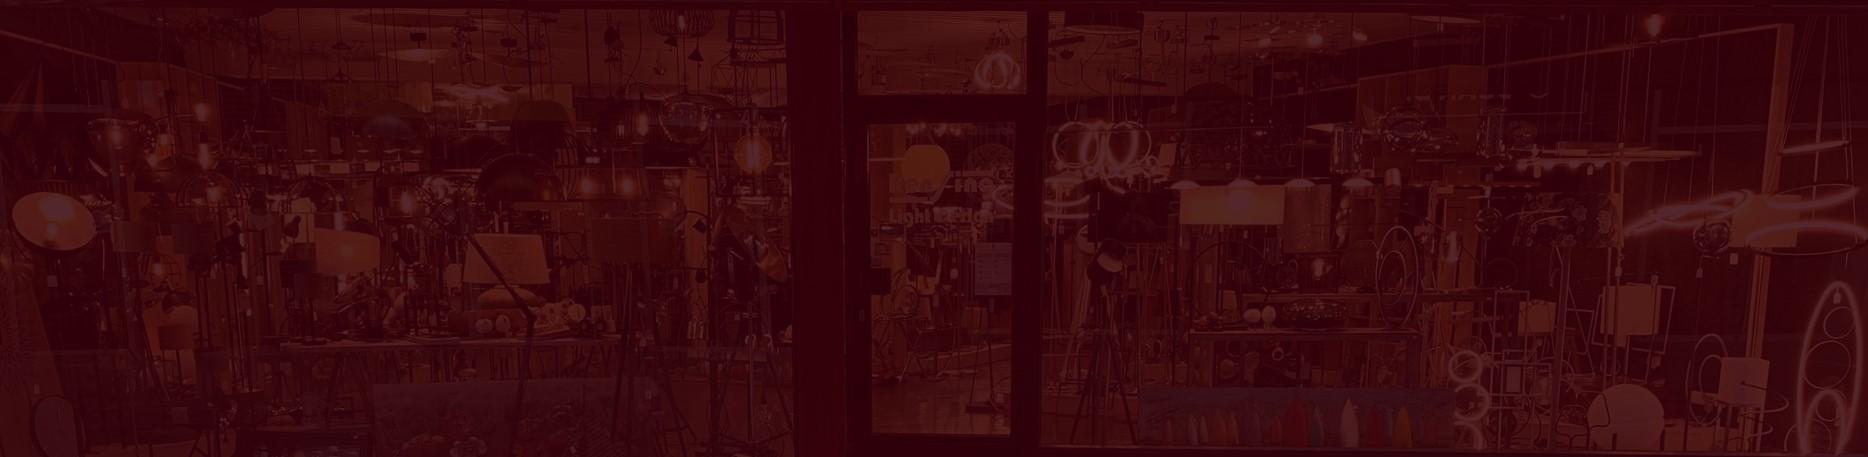 Rensing Light Design - Winkel | Lampenwinkel | Verlichtingsspeciaalzaak | Verlichting in Lichtenvoorde, de Achterhoek